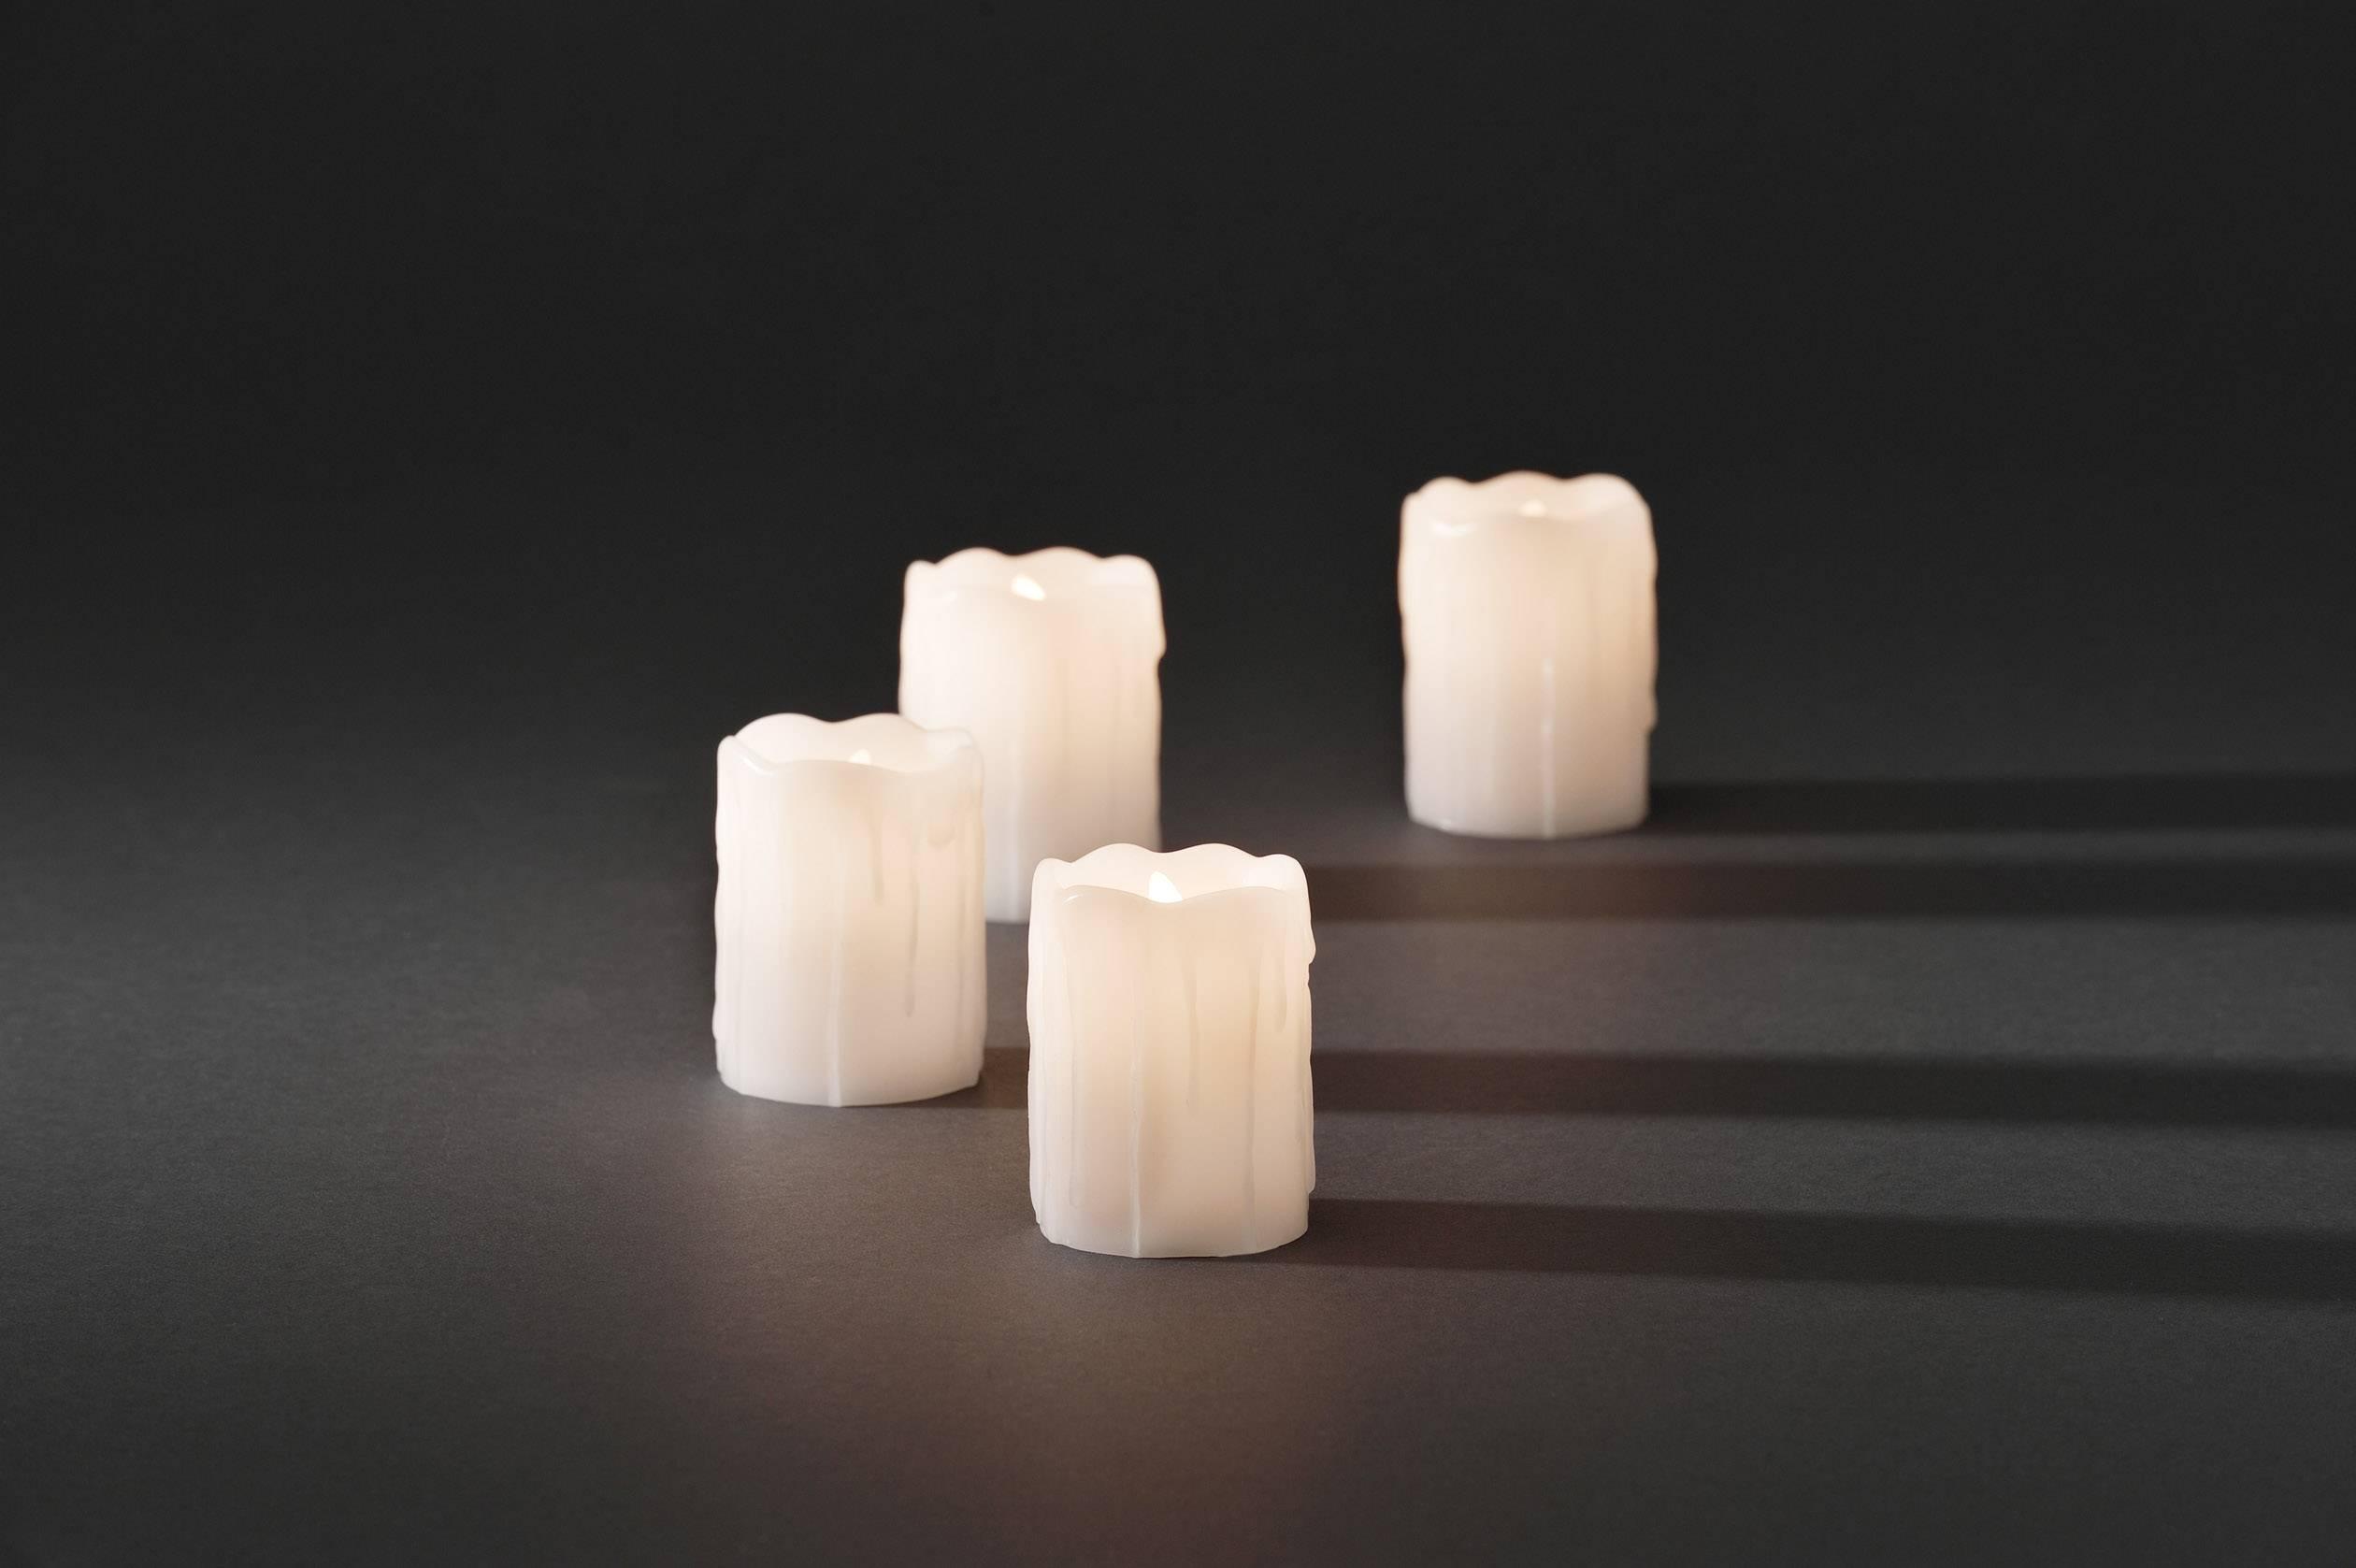 LED svíčky Konstsmide, 5 x 6.8 cm, bílý, sada 4 ks, bílá